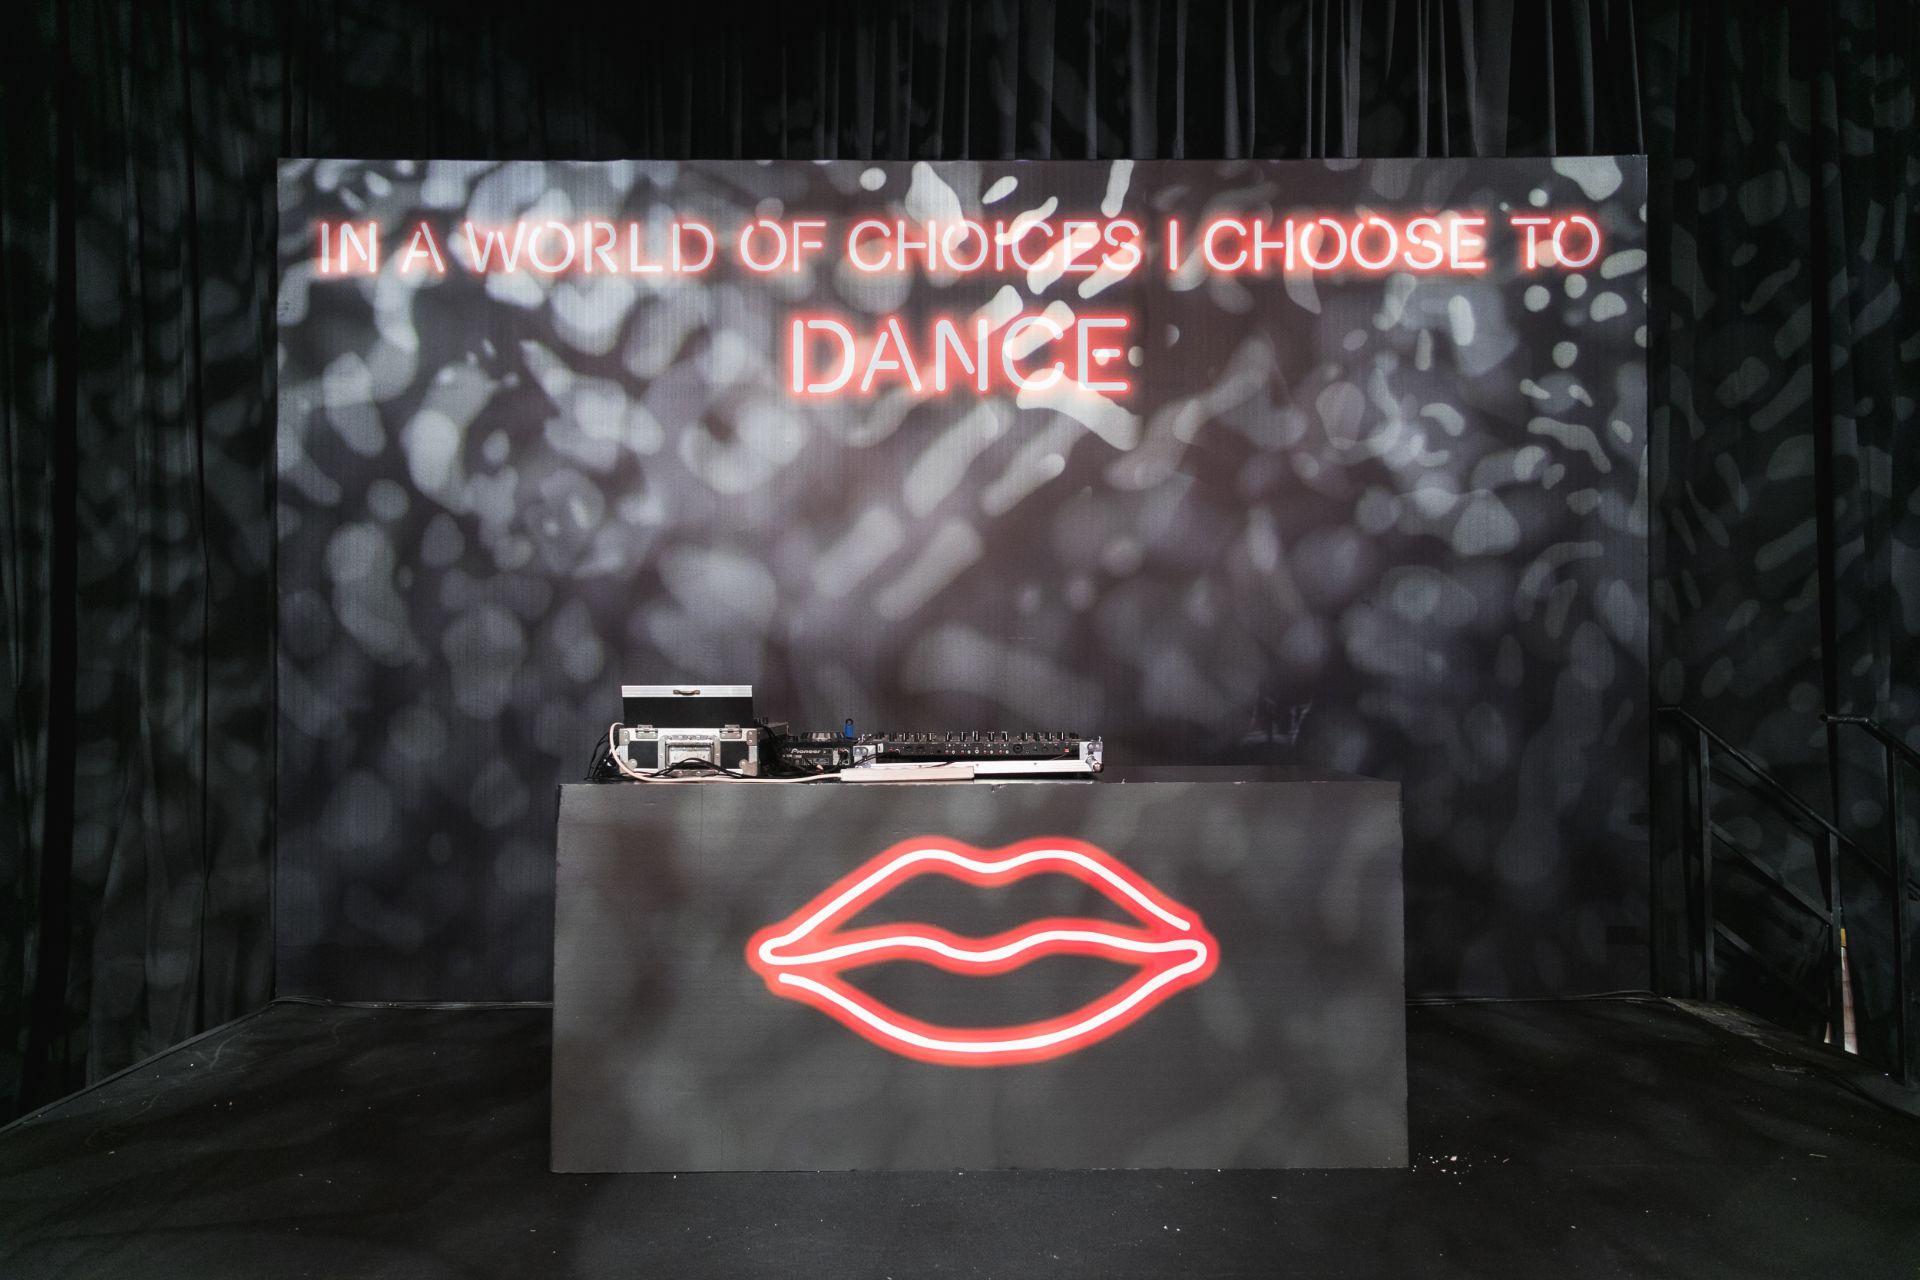 גן קסום בקבלת הפנים, עיצוב מודרני ודרמטי במסיבת הריקודים